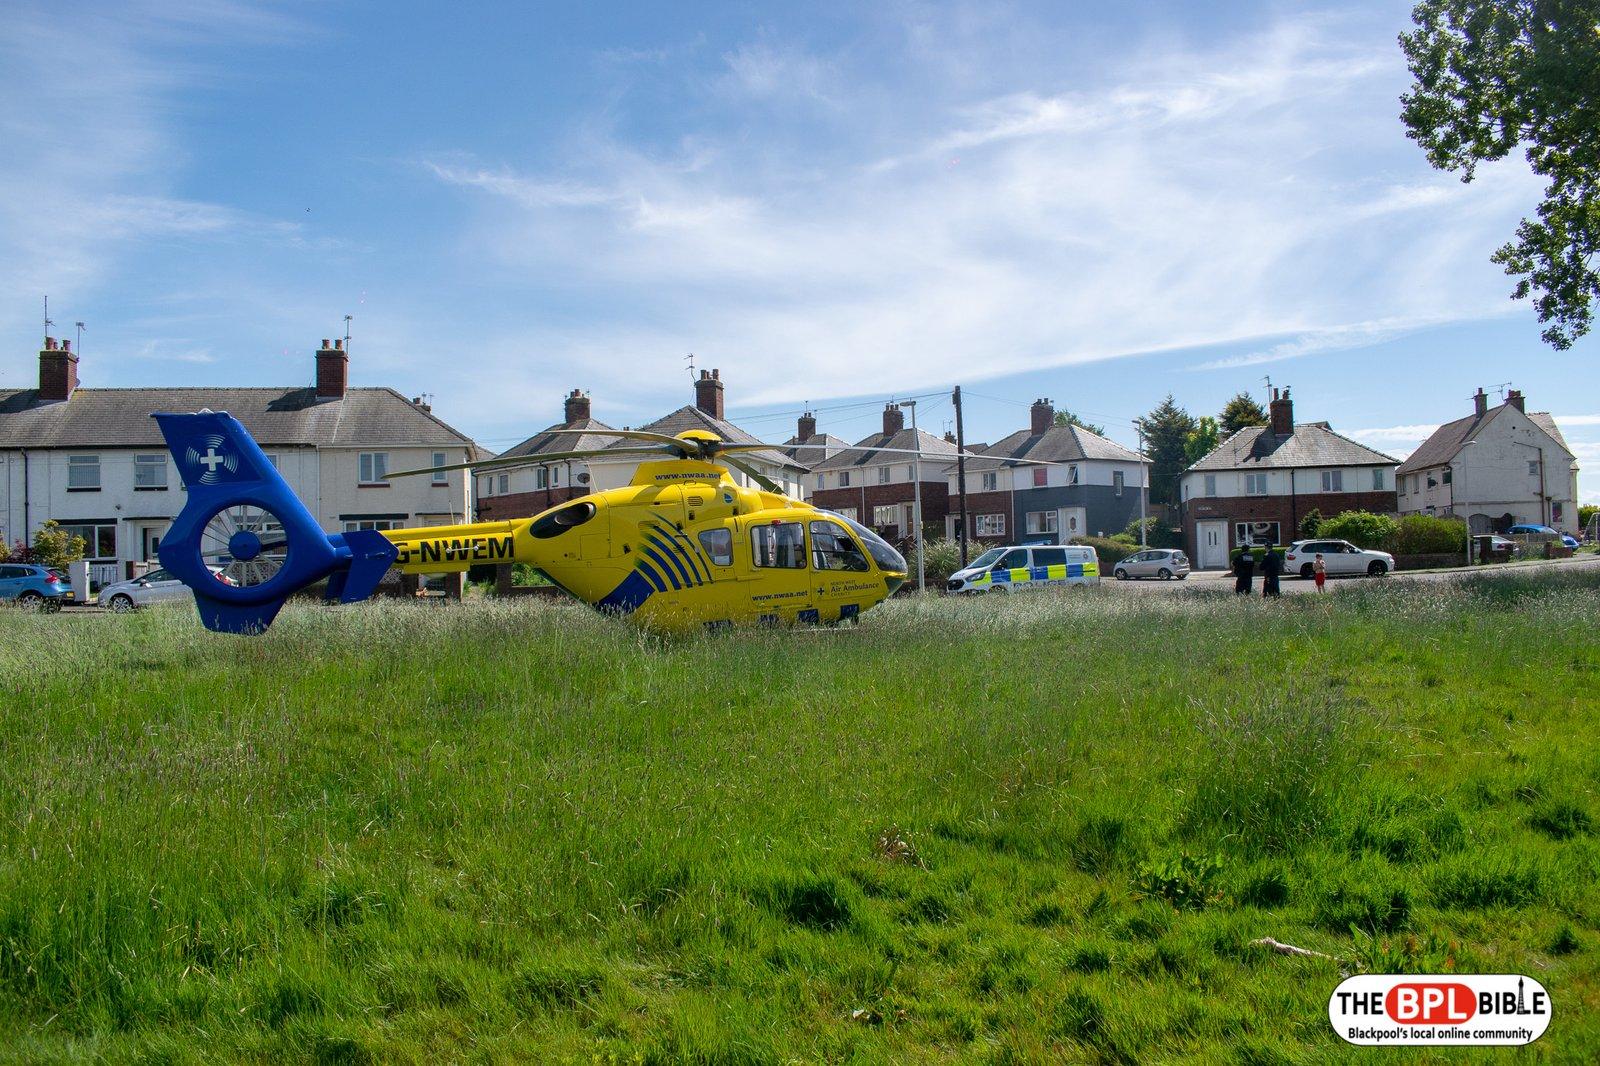 Air ambulance in Layton at same landing site.